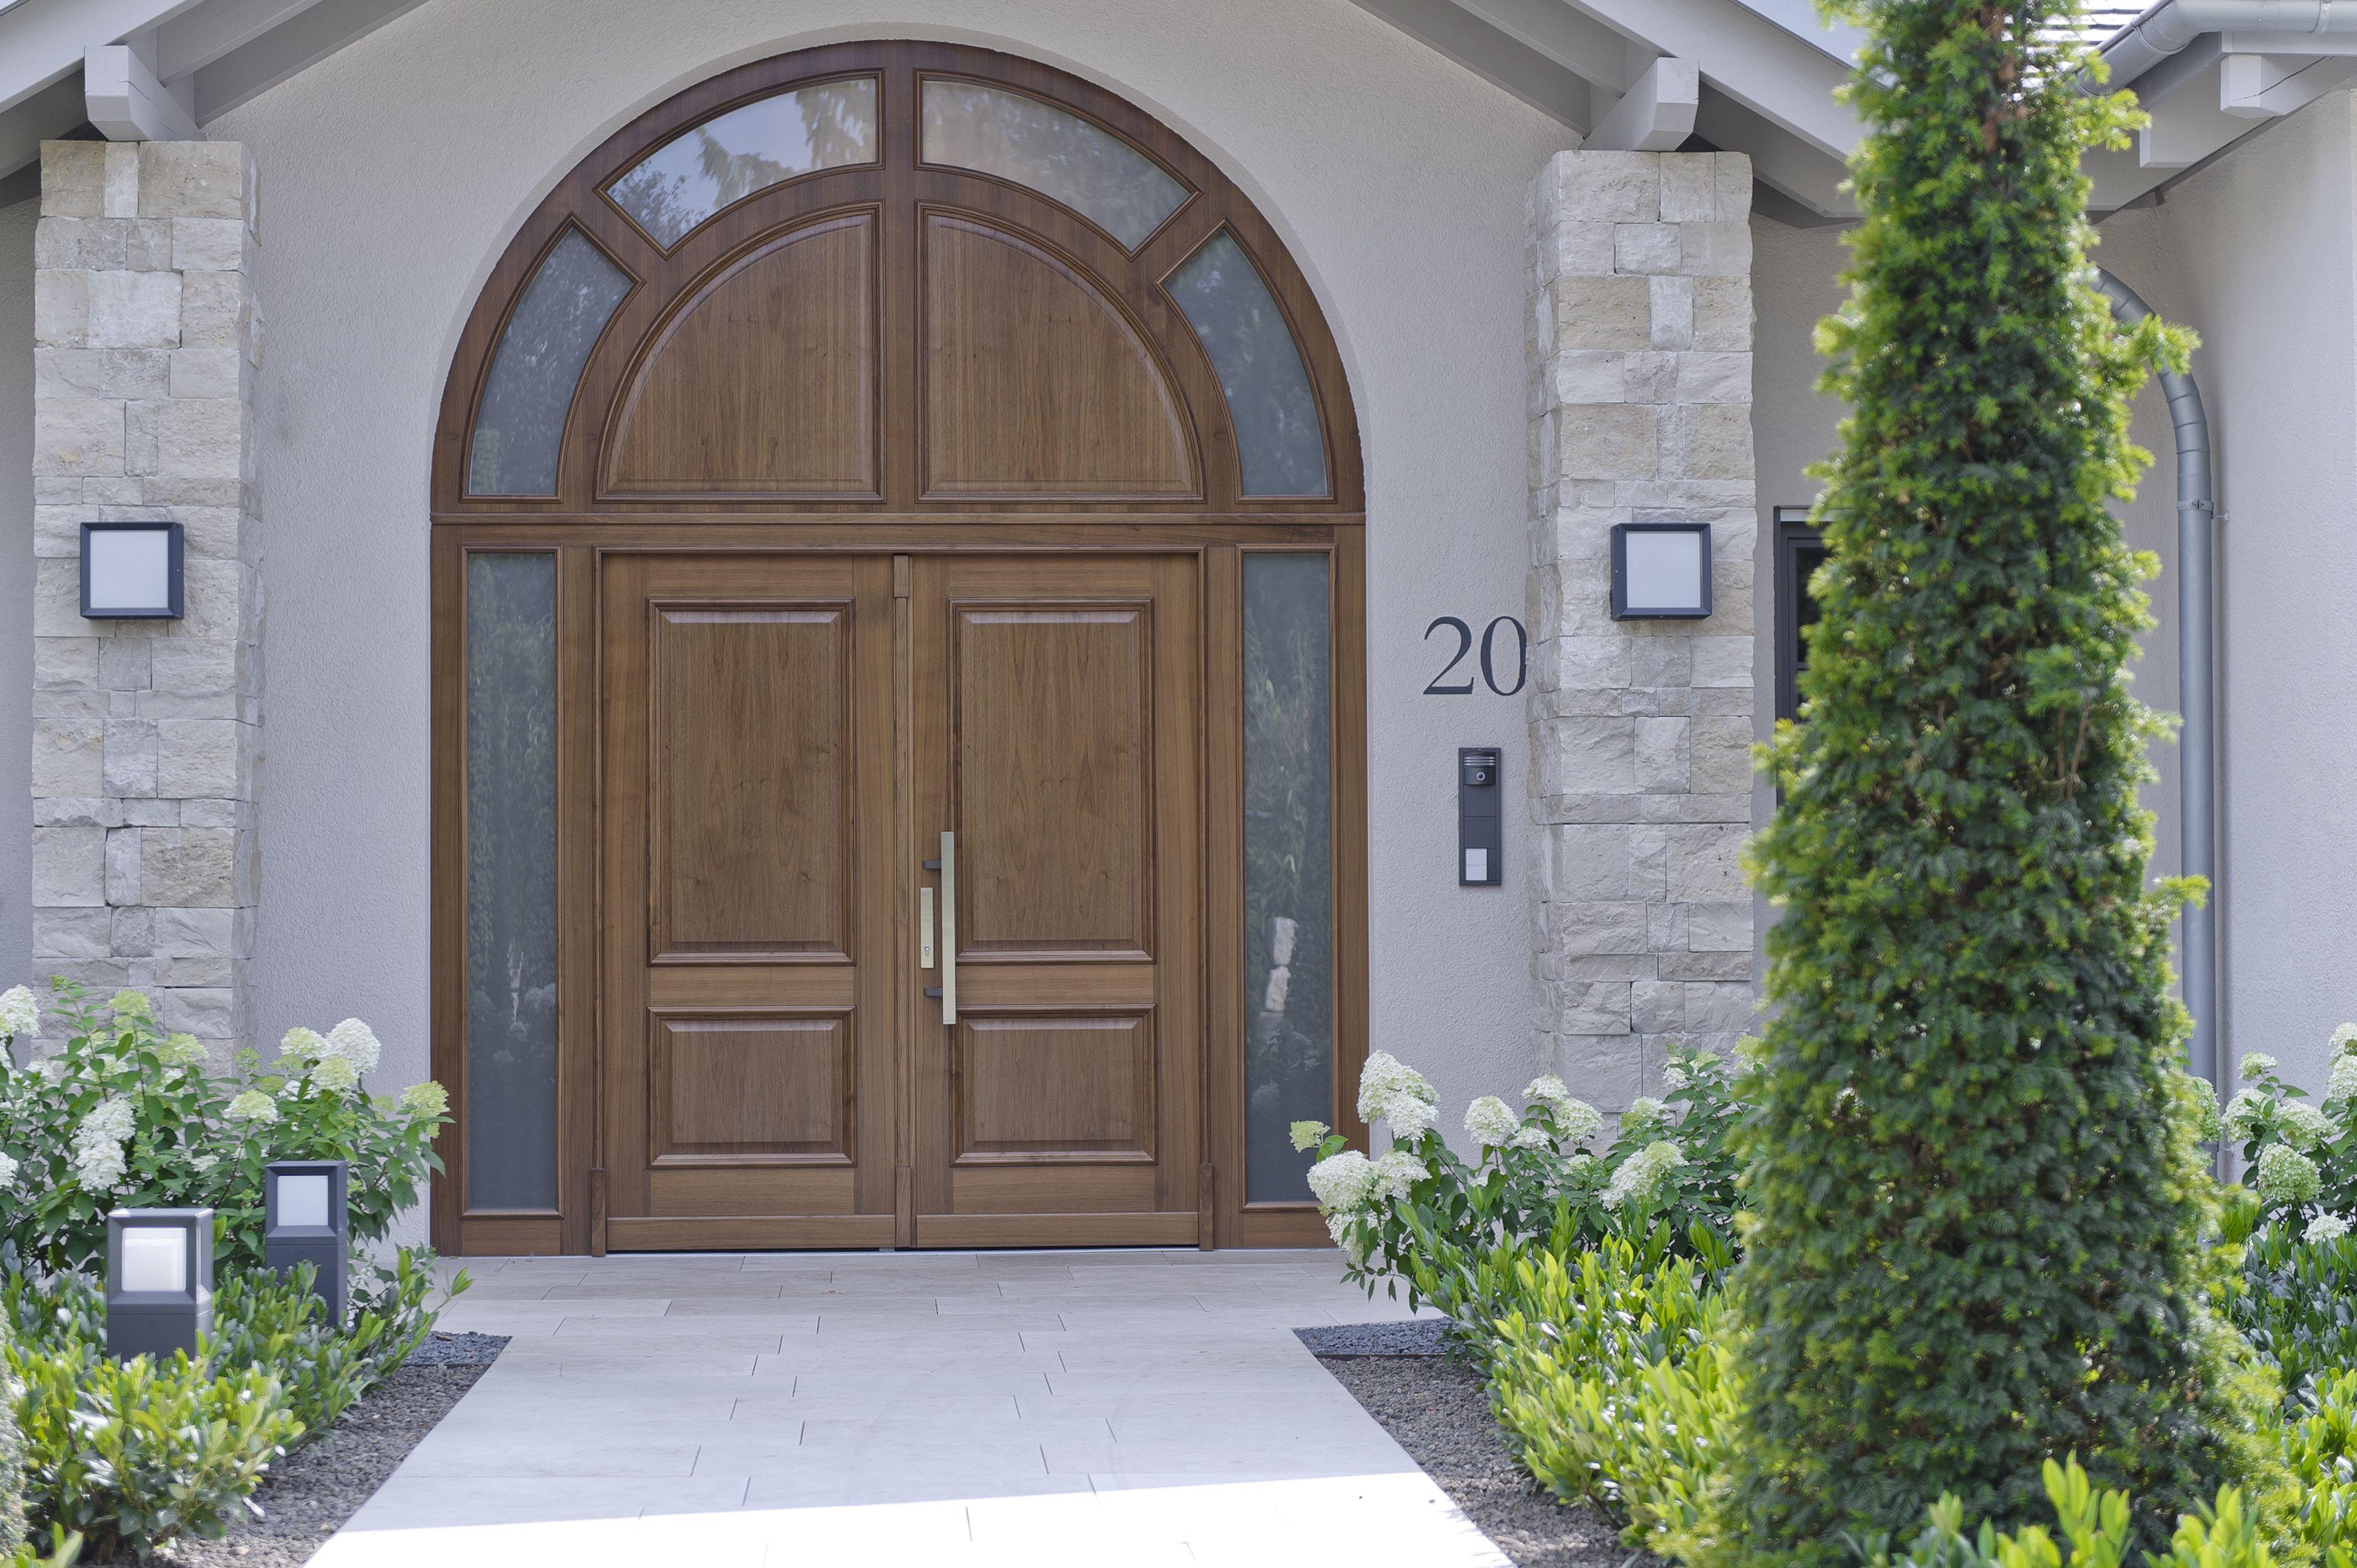 Stilvolle Haustür aus Holz Modell ANTIK mit Segmentbogen